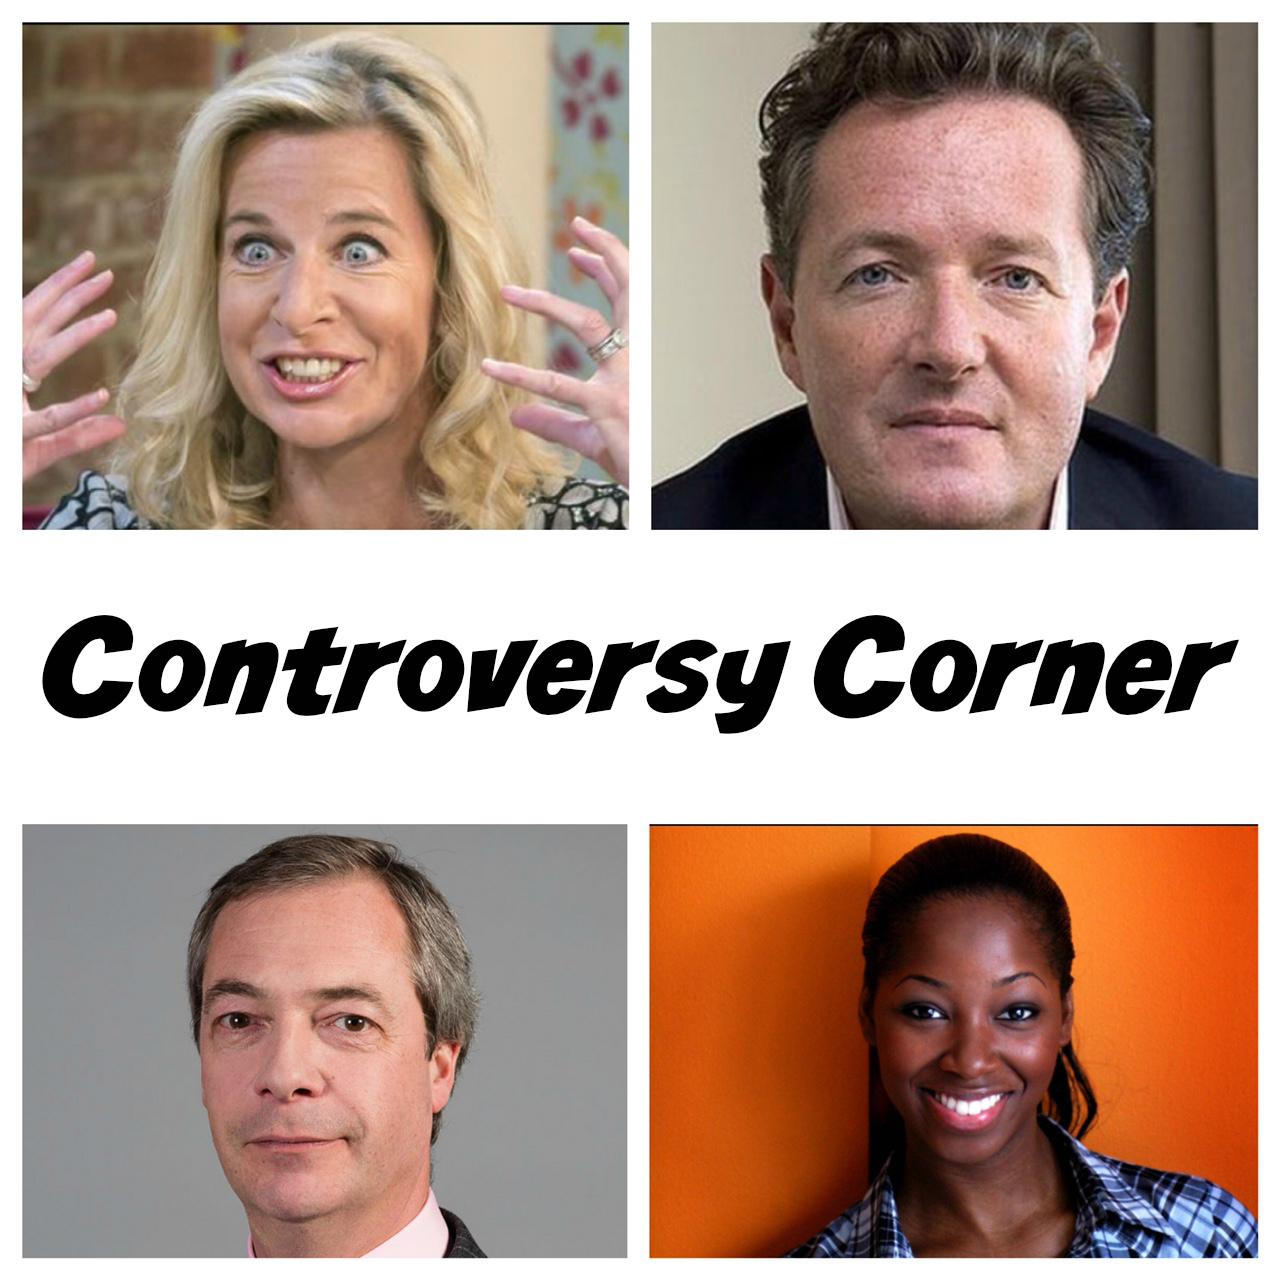 Controversy Corner - Fat Shaming